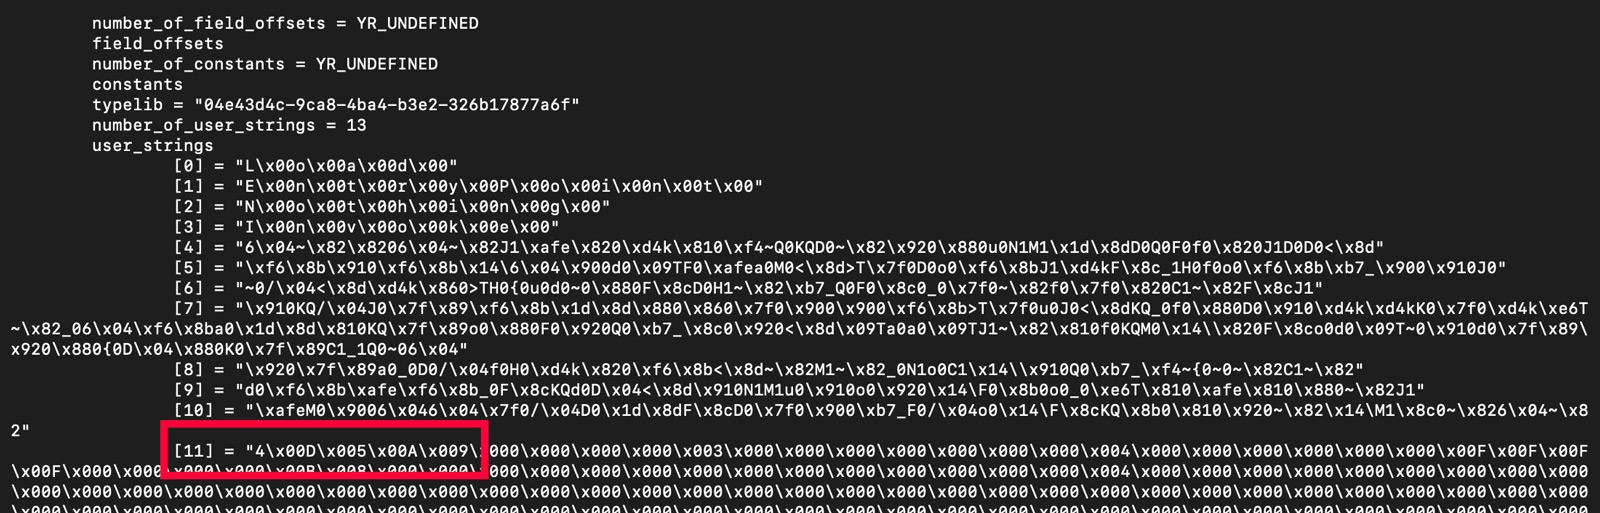 Debugging Output from YARA's Dotnet Module